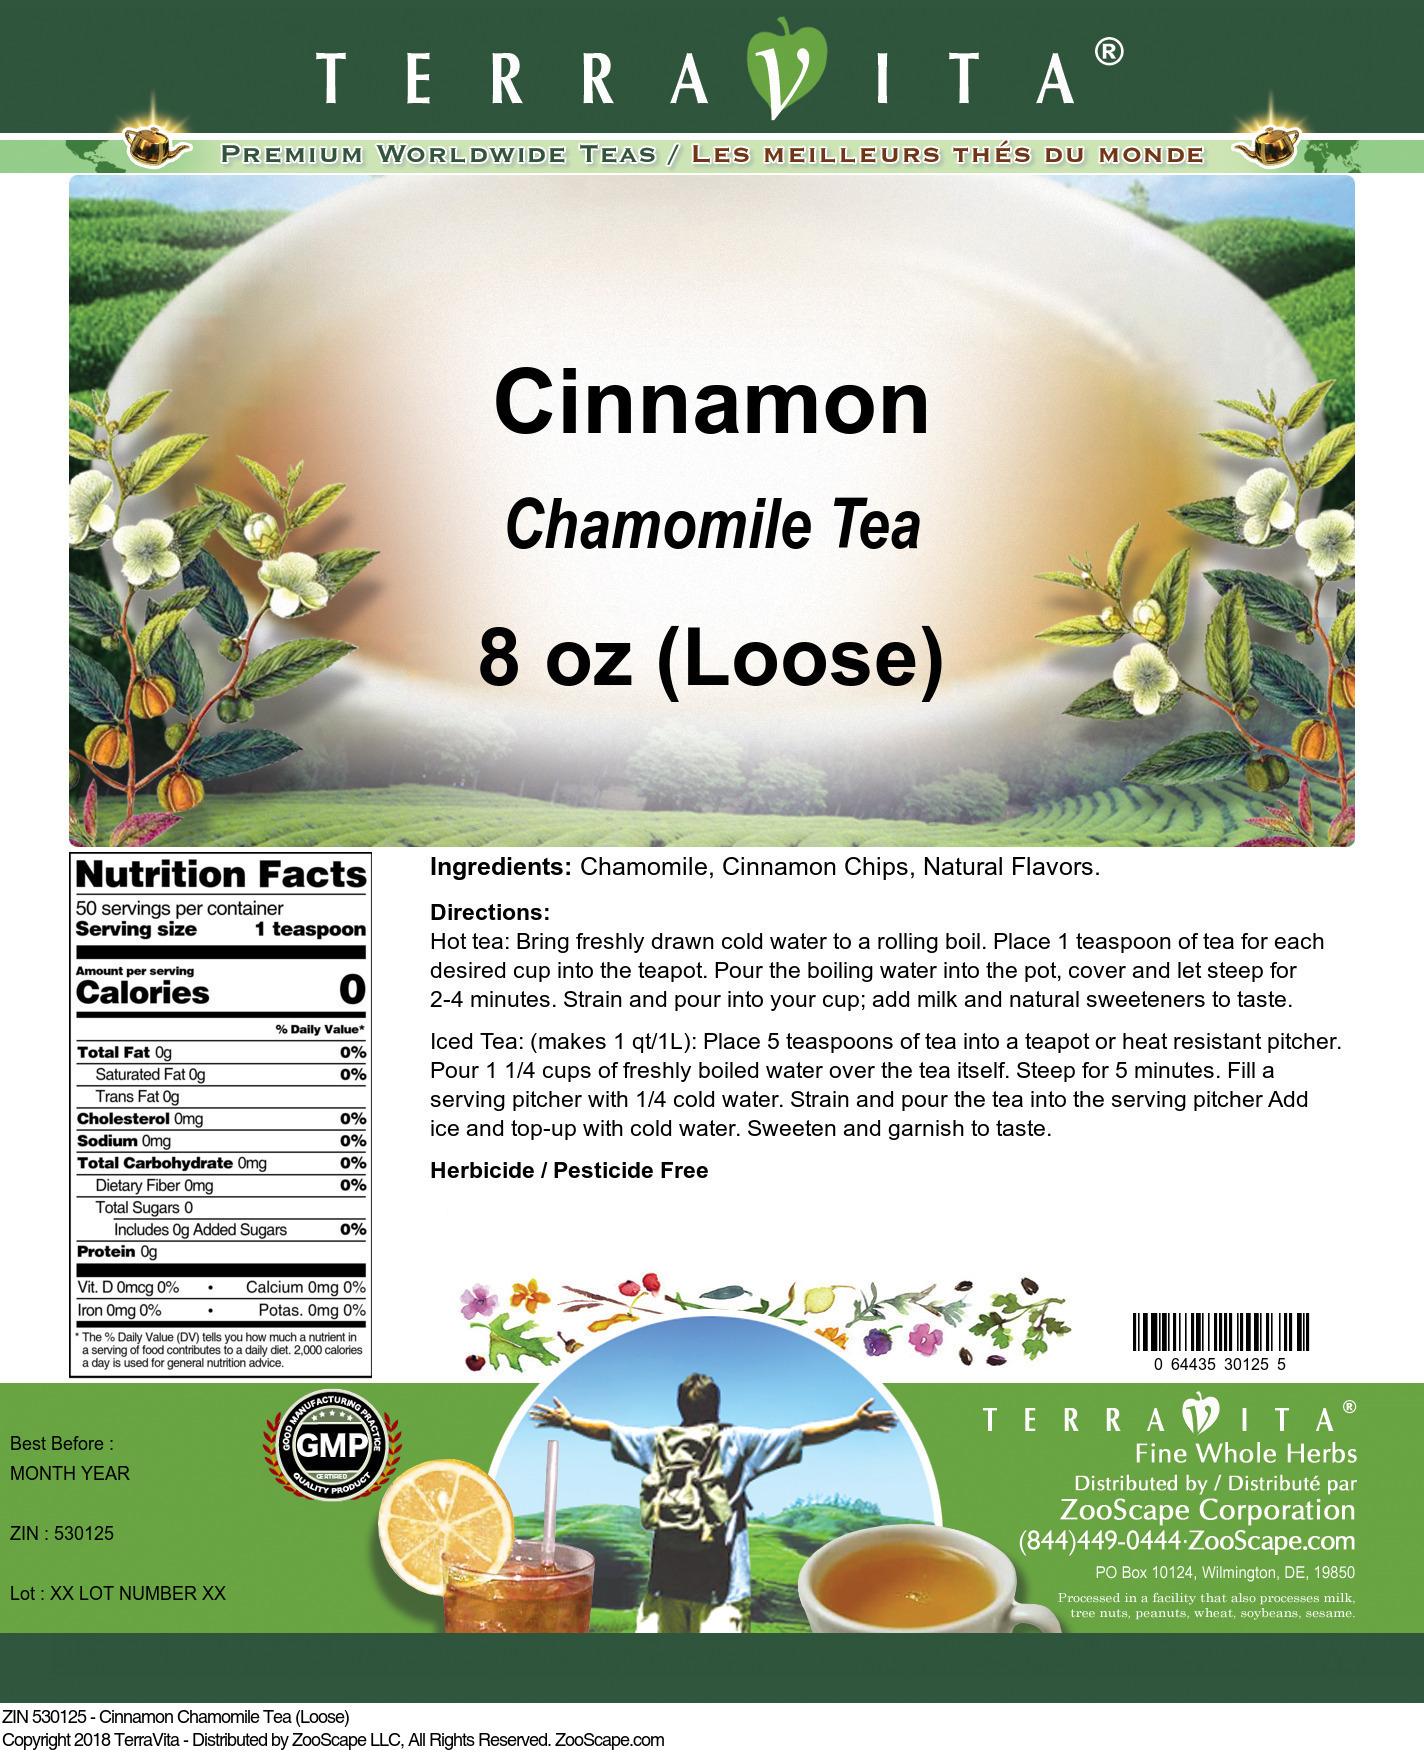 Cinnamon Chamomile Tea (Loose)